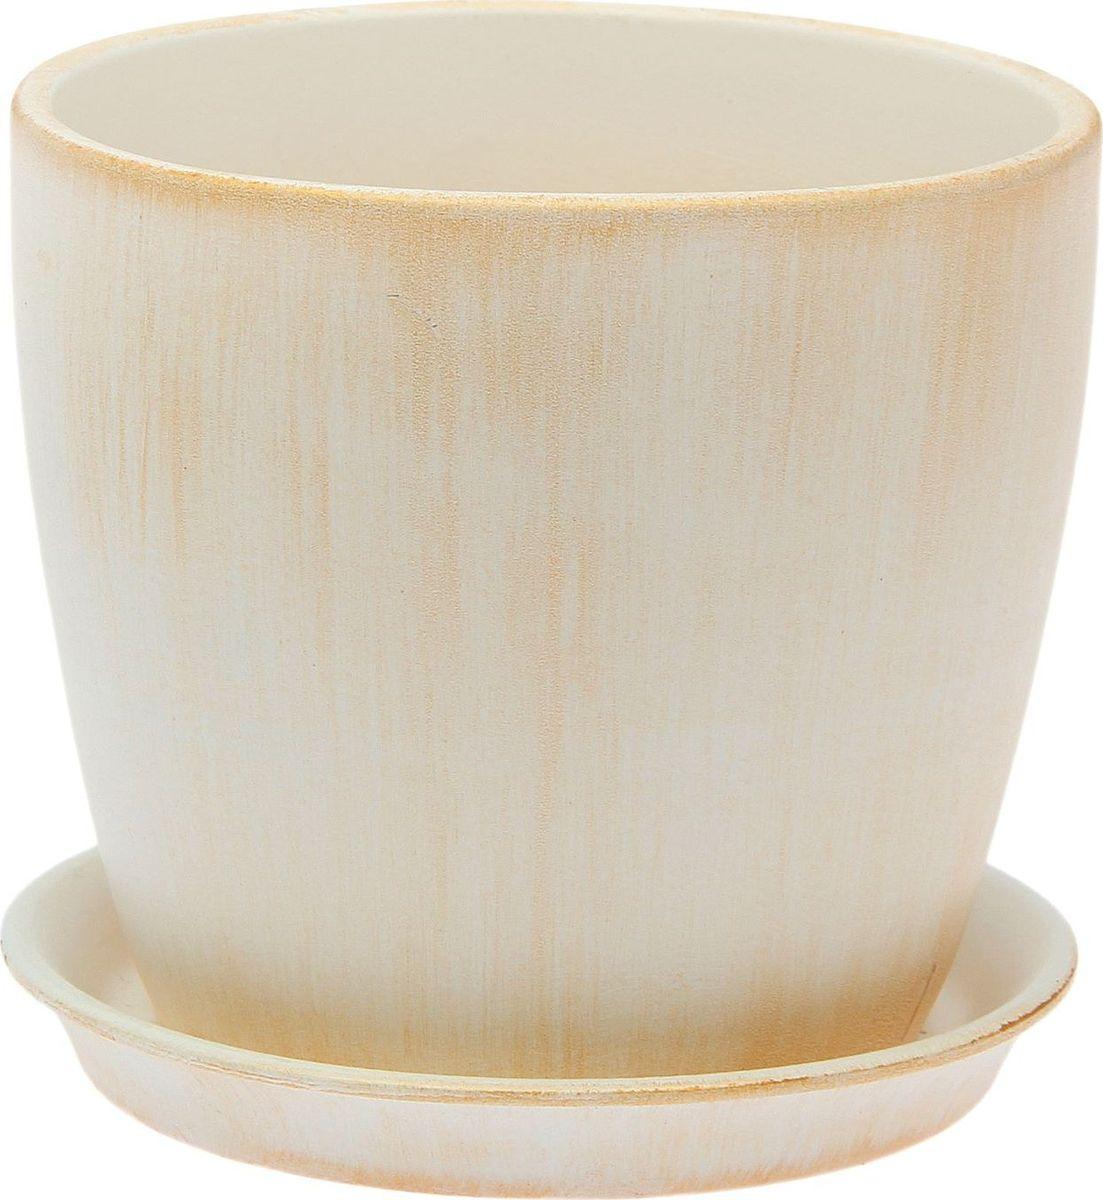 Кашпо Керамика ручной работы Осень. Патина, цвет: золотистый, 2 л2026658Комнатные растения — всеобщие любимцы. Они радуют глаз, насыщают помещение кислородом и украшают пространство. Каждому из них необходим свой удобный и красивый дом. Кашпо из керамики прекрасно подходят для высадки растений: за счёт пластичности глины и разных способов обработки существует великое множество форм и дизайновпористый материал позволяет испаряться лишней влагевоздух, необходимый для дыхания корней, проникает сквозь керамические стенки! #name# позаботится о зелёном питомце, освежит интерьер и подчеркнёт его стиль.